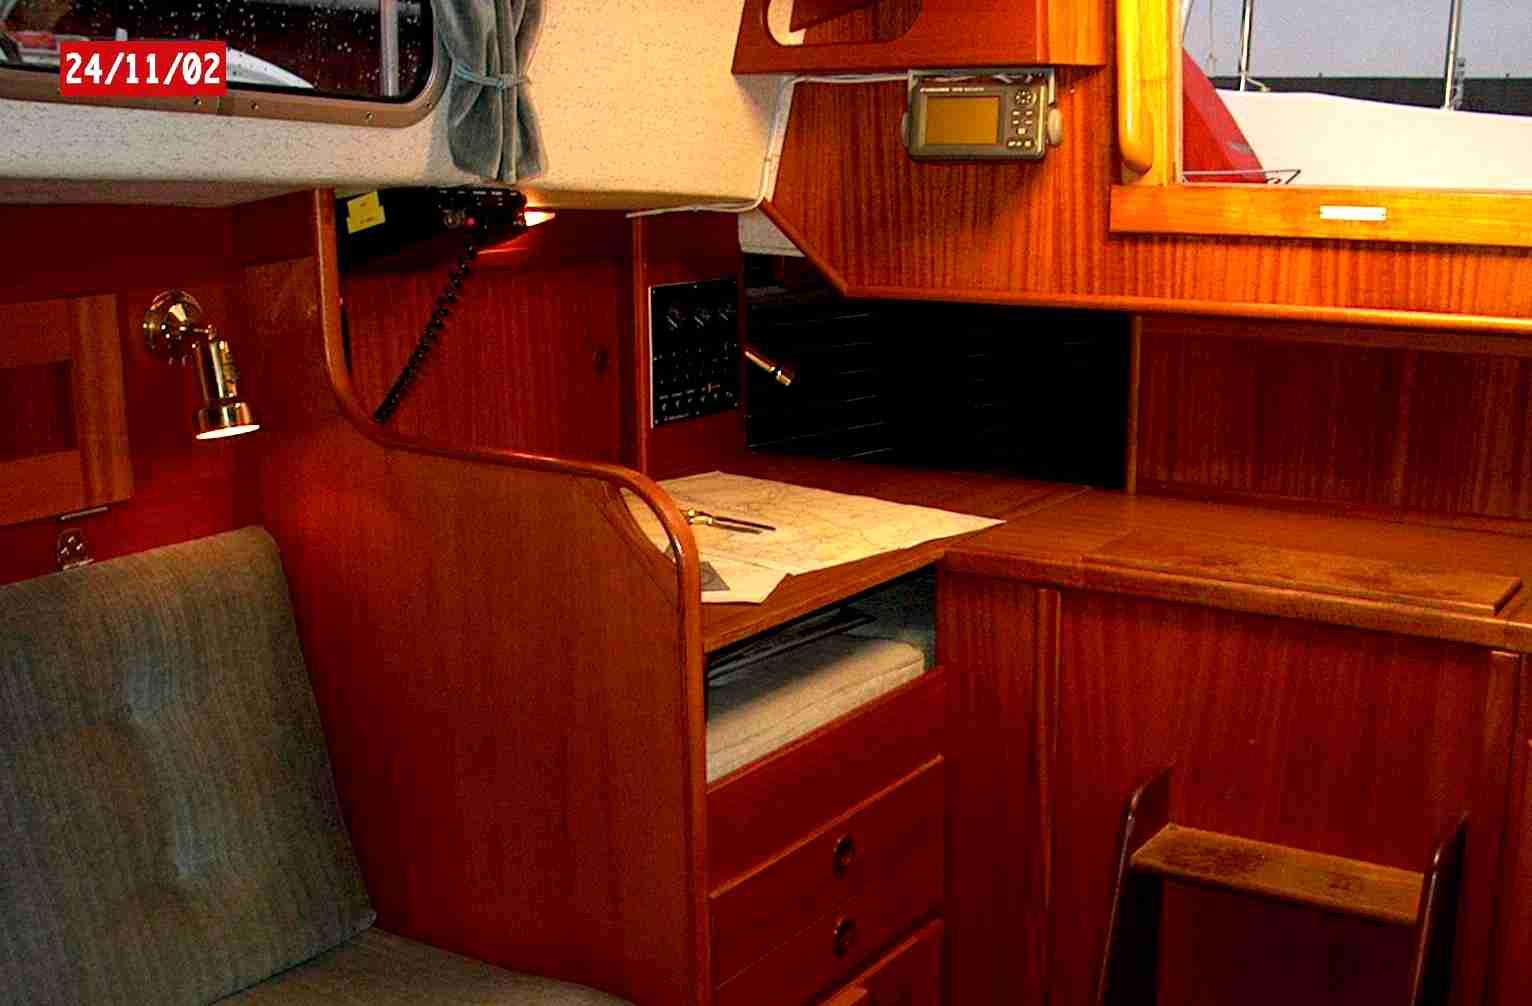 http://www.scancharter.com/wp-content/uploads/boats/9657_IM15a[1].JPG